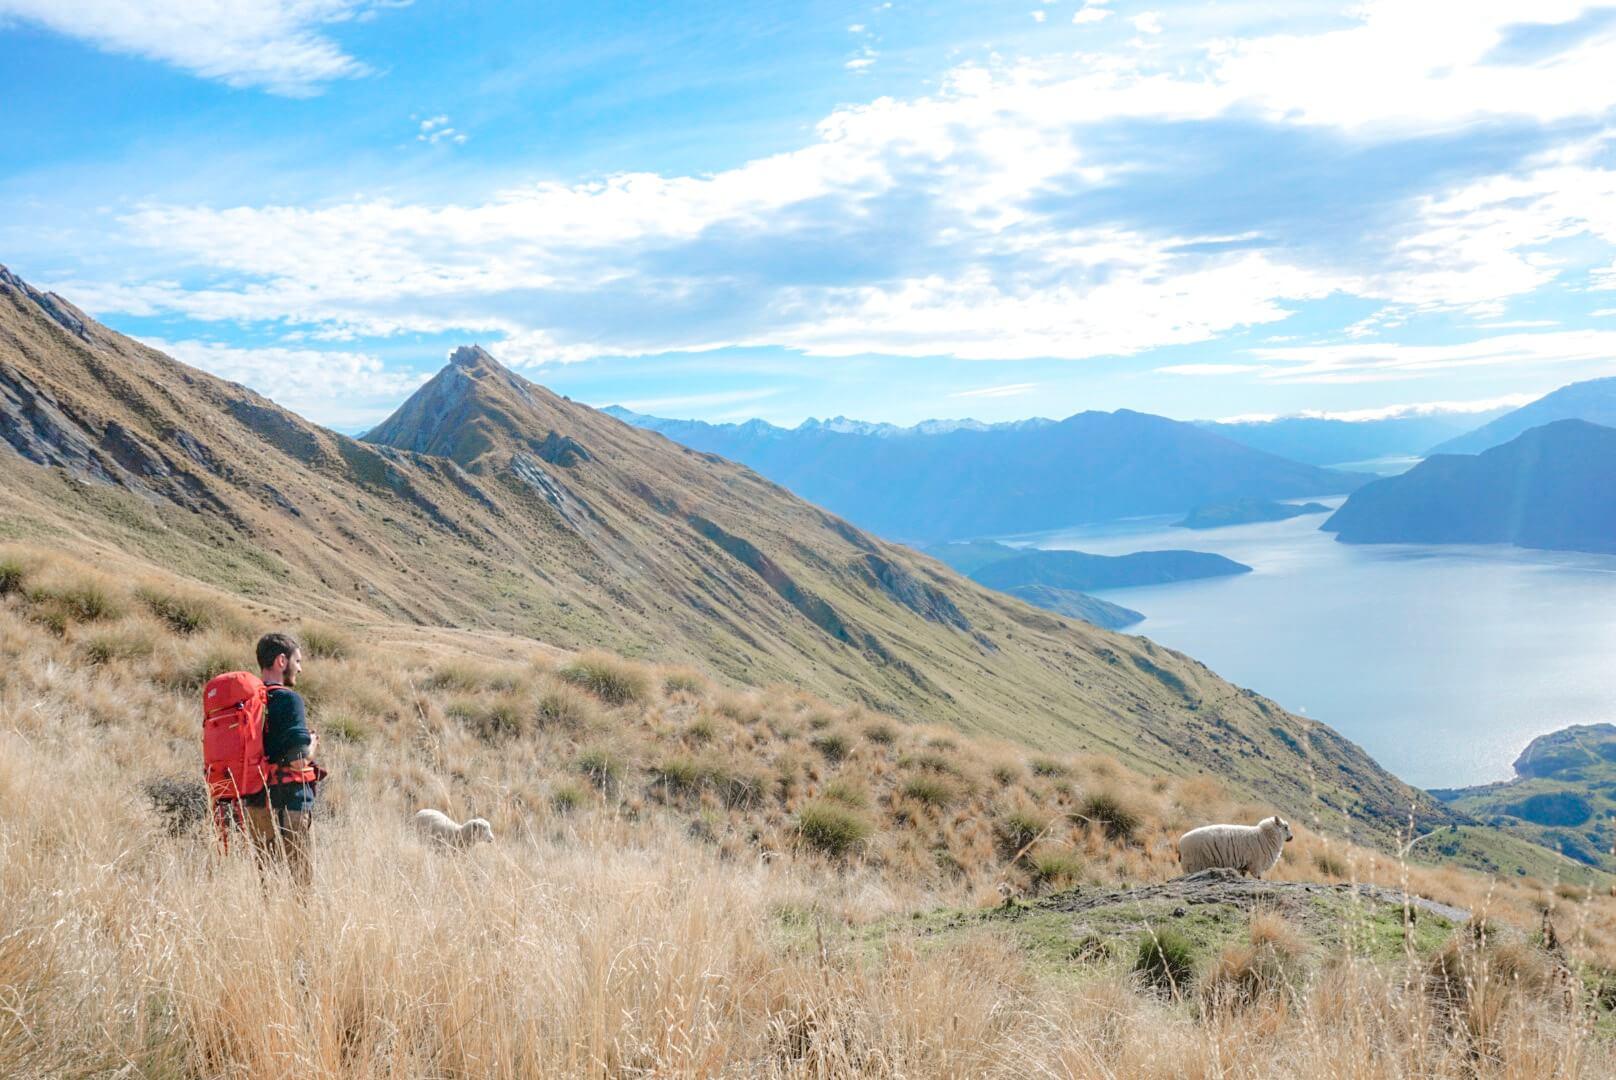 randonnée roys peak topoguide difficulté